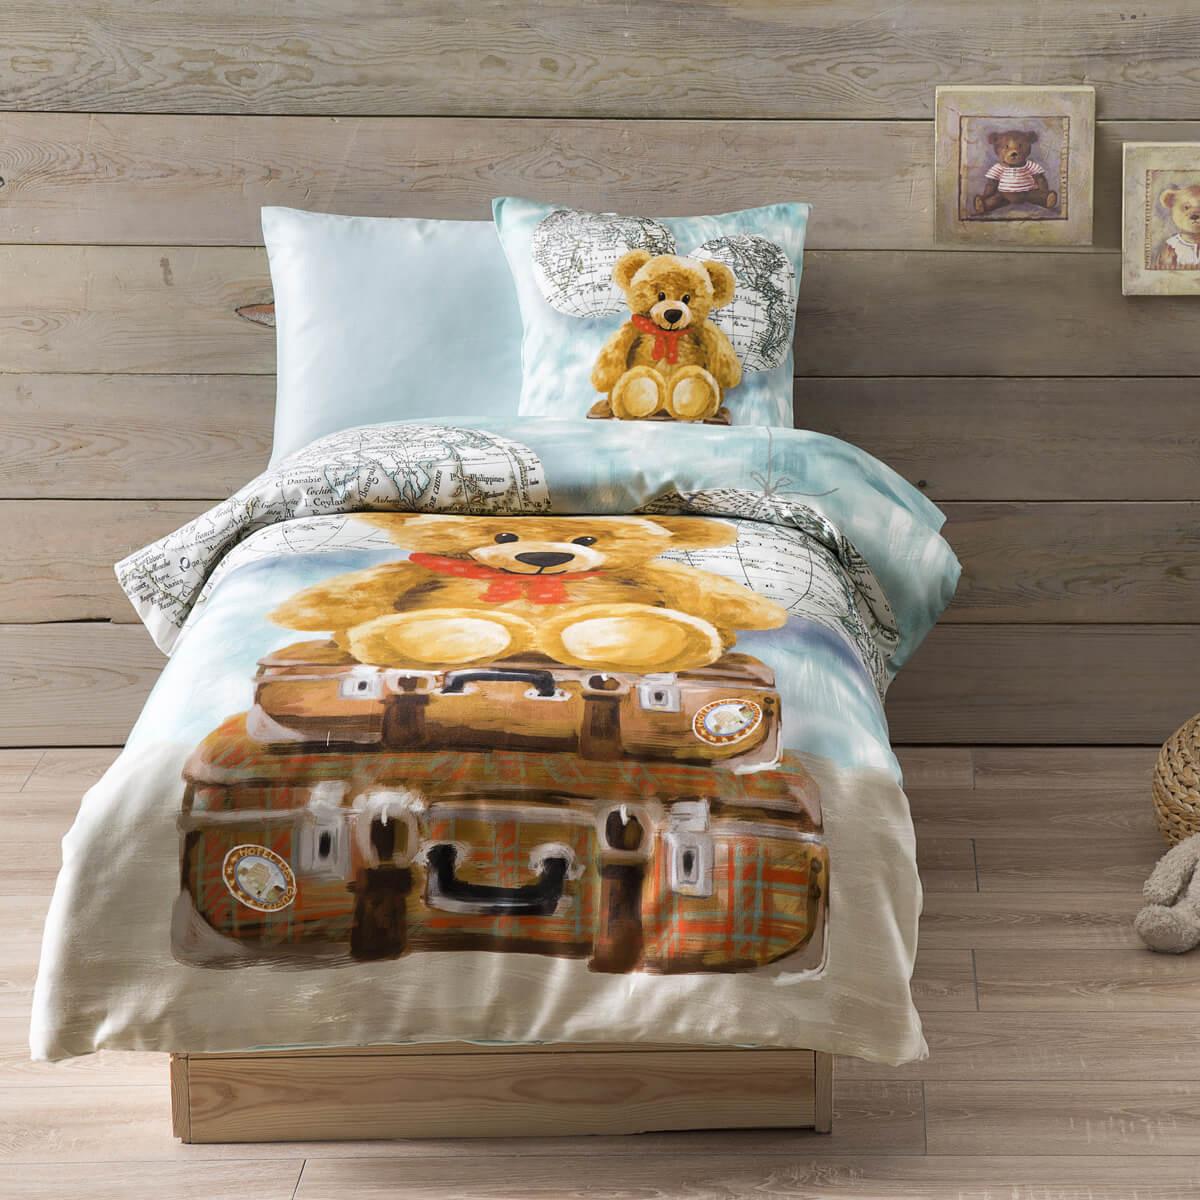 Постельное белье из сатина в кроватку Masha Djitial bebe Tivolyo